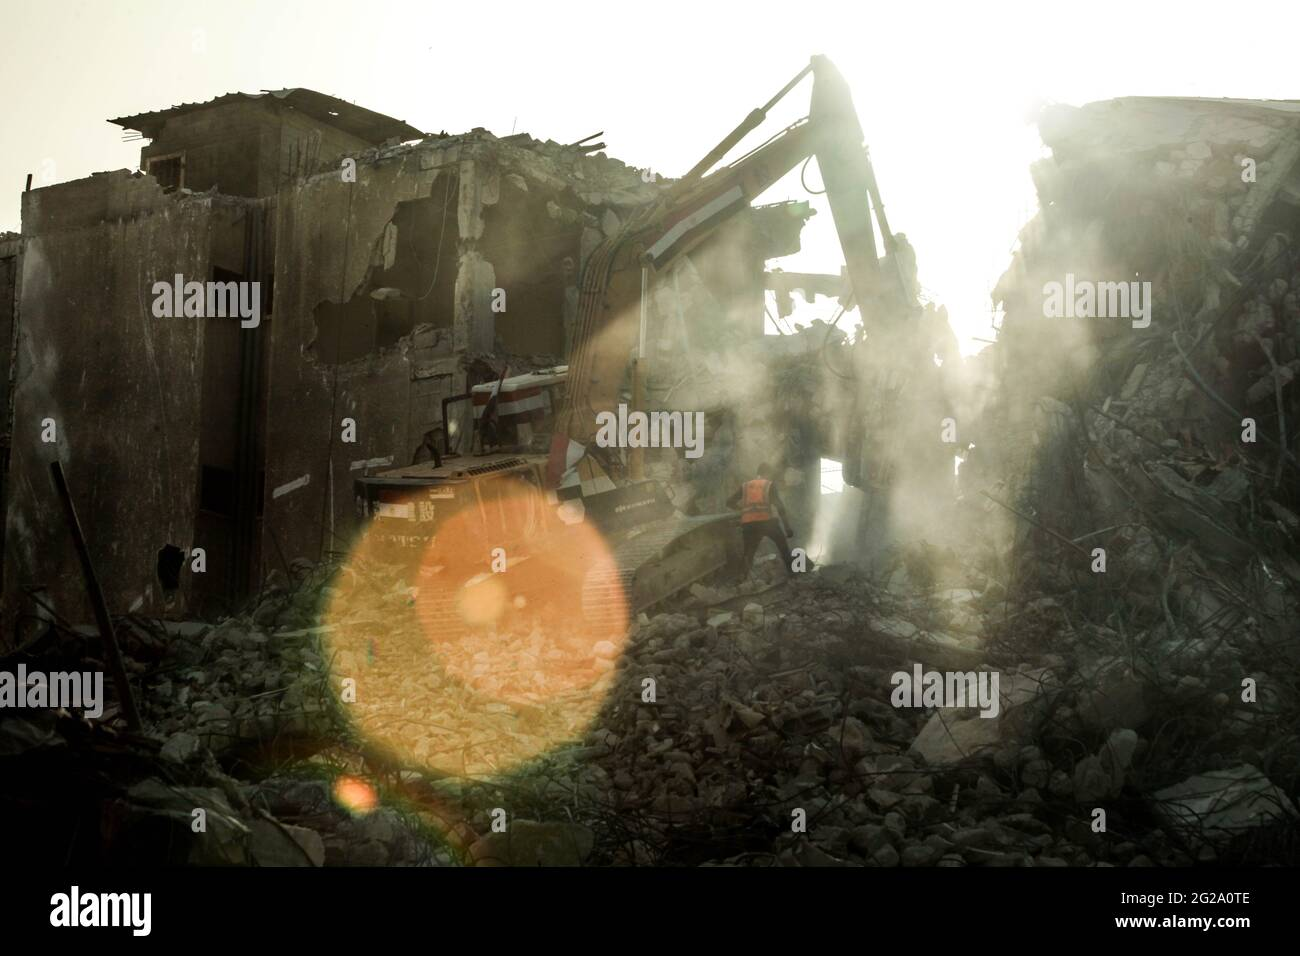 Gaza, Palestine. 09e juin 2021. Des travailleurs palestiniens et des bulldozers avec l'aide des équipages égyptiens retirent les décombres de bâtiments détruits par les frappes aériennes israéliennes le mois dernier, dans la ville de Gaza. (Photo de Ramez Habboub/Pacific Press) crédit: Pacific Press Media production Corp./Alay Live News Banque D'Images